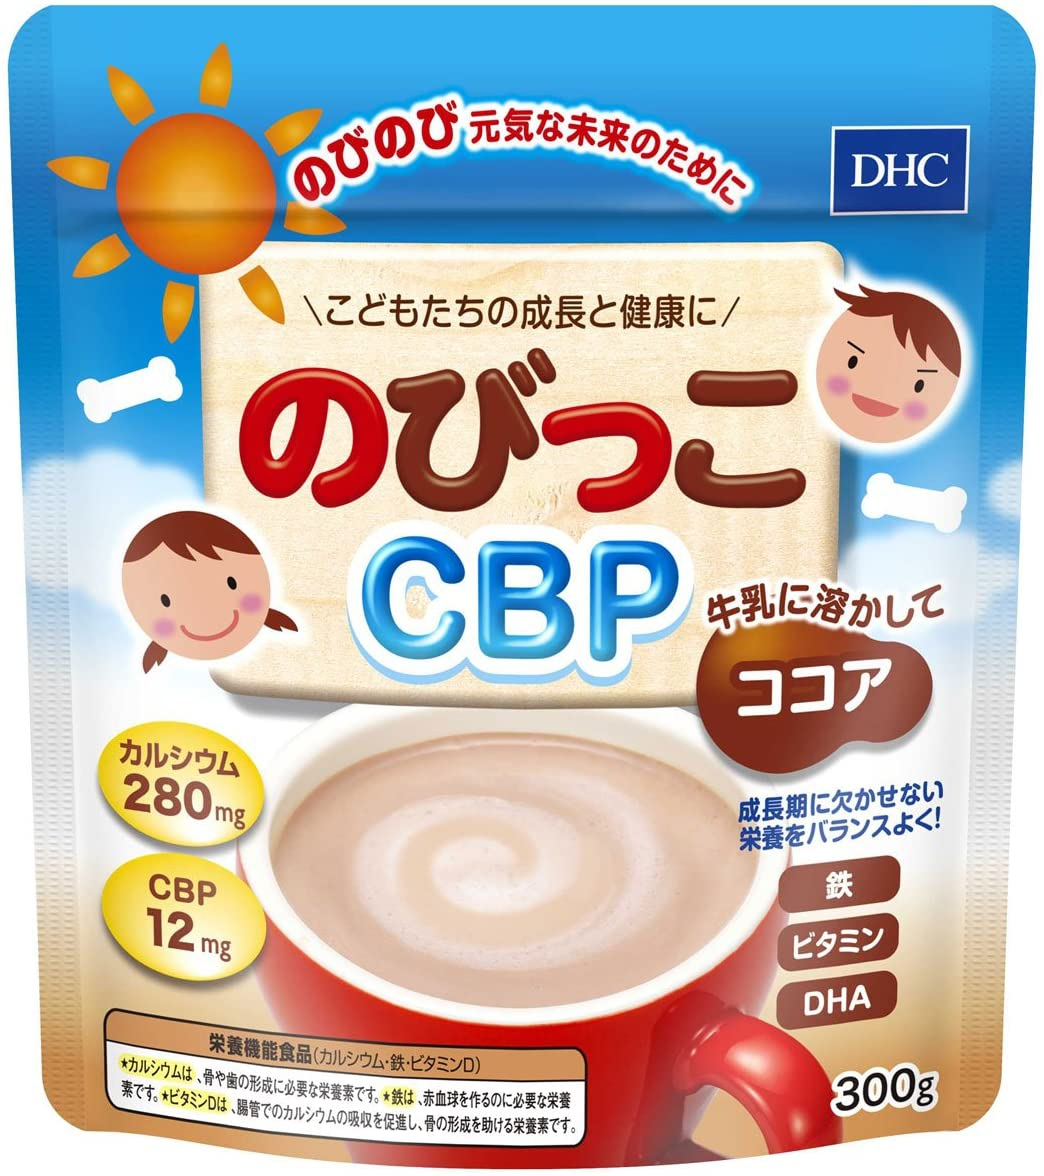 DHC(ディーエイチシー)のびっこCBP【栄養機能食品】